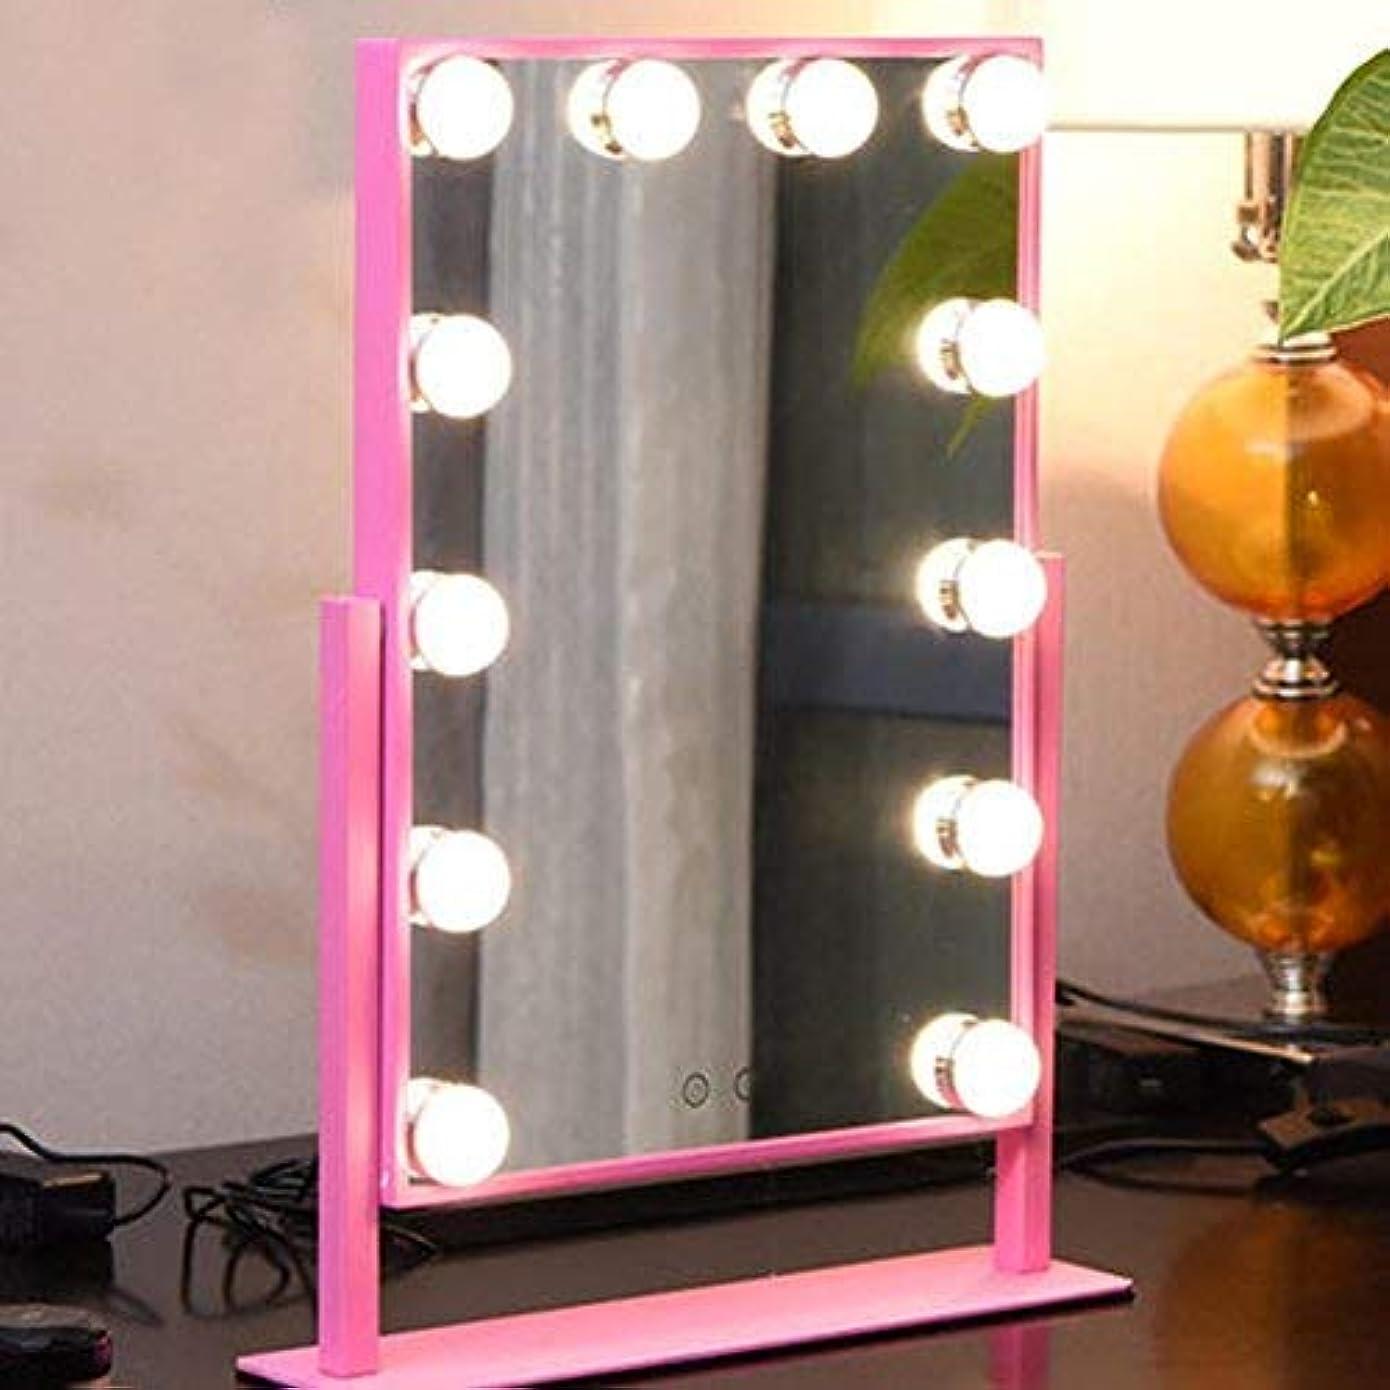 達成する記念碑九メイクアップミラー - ミラー大片面電球バニティミラー二色調光美容ミラーと化粧鏡テーブルLEDランプ (Pink)